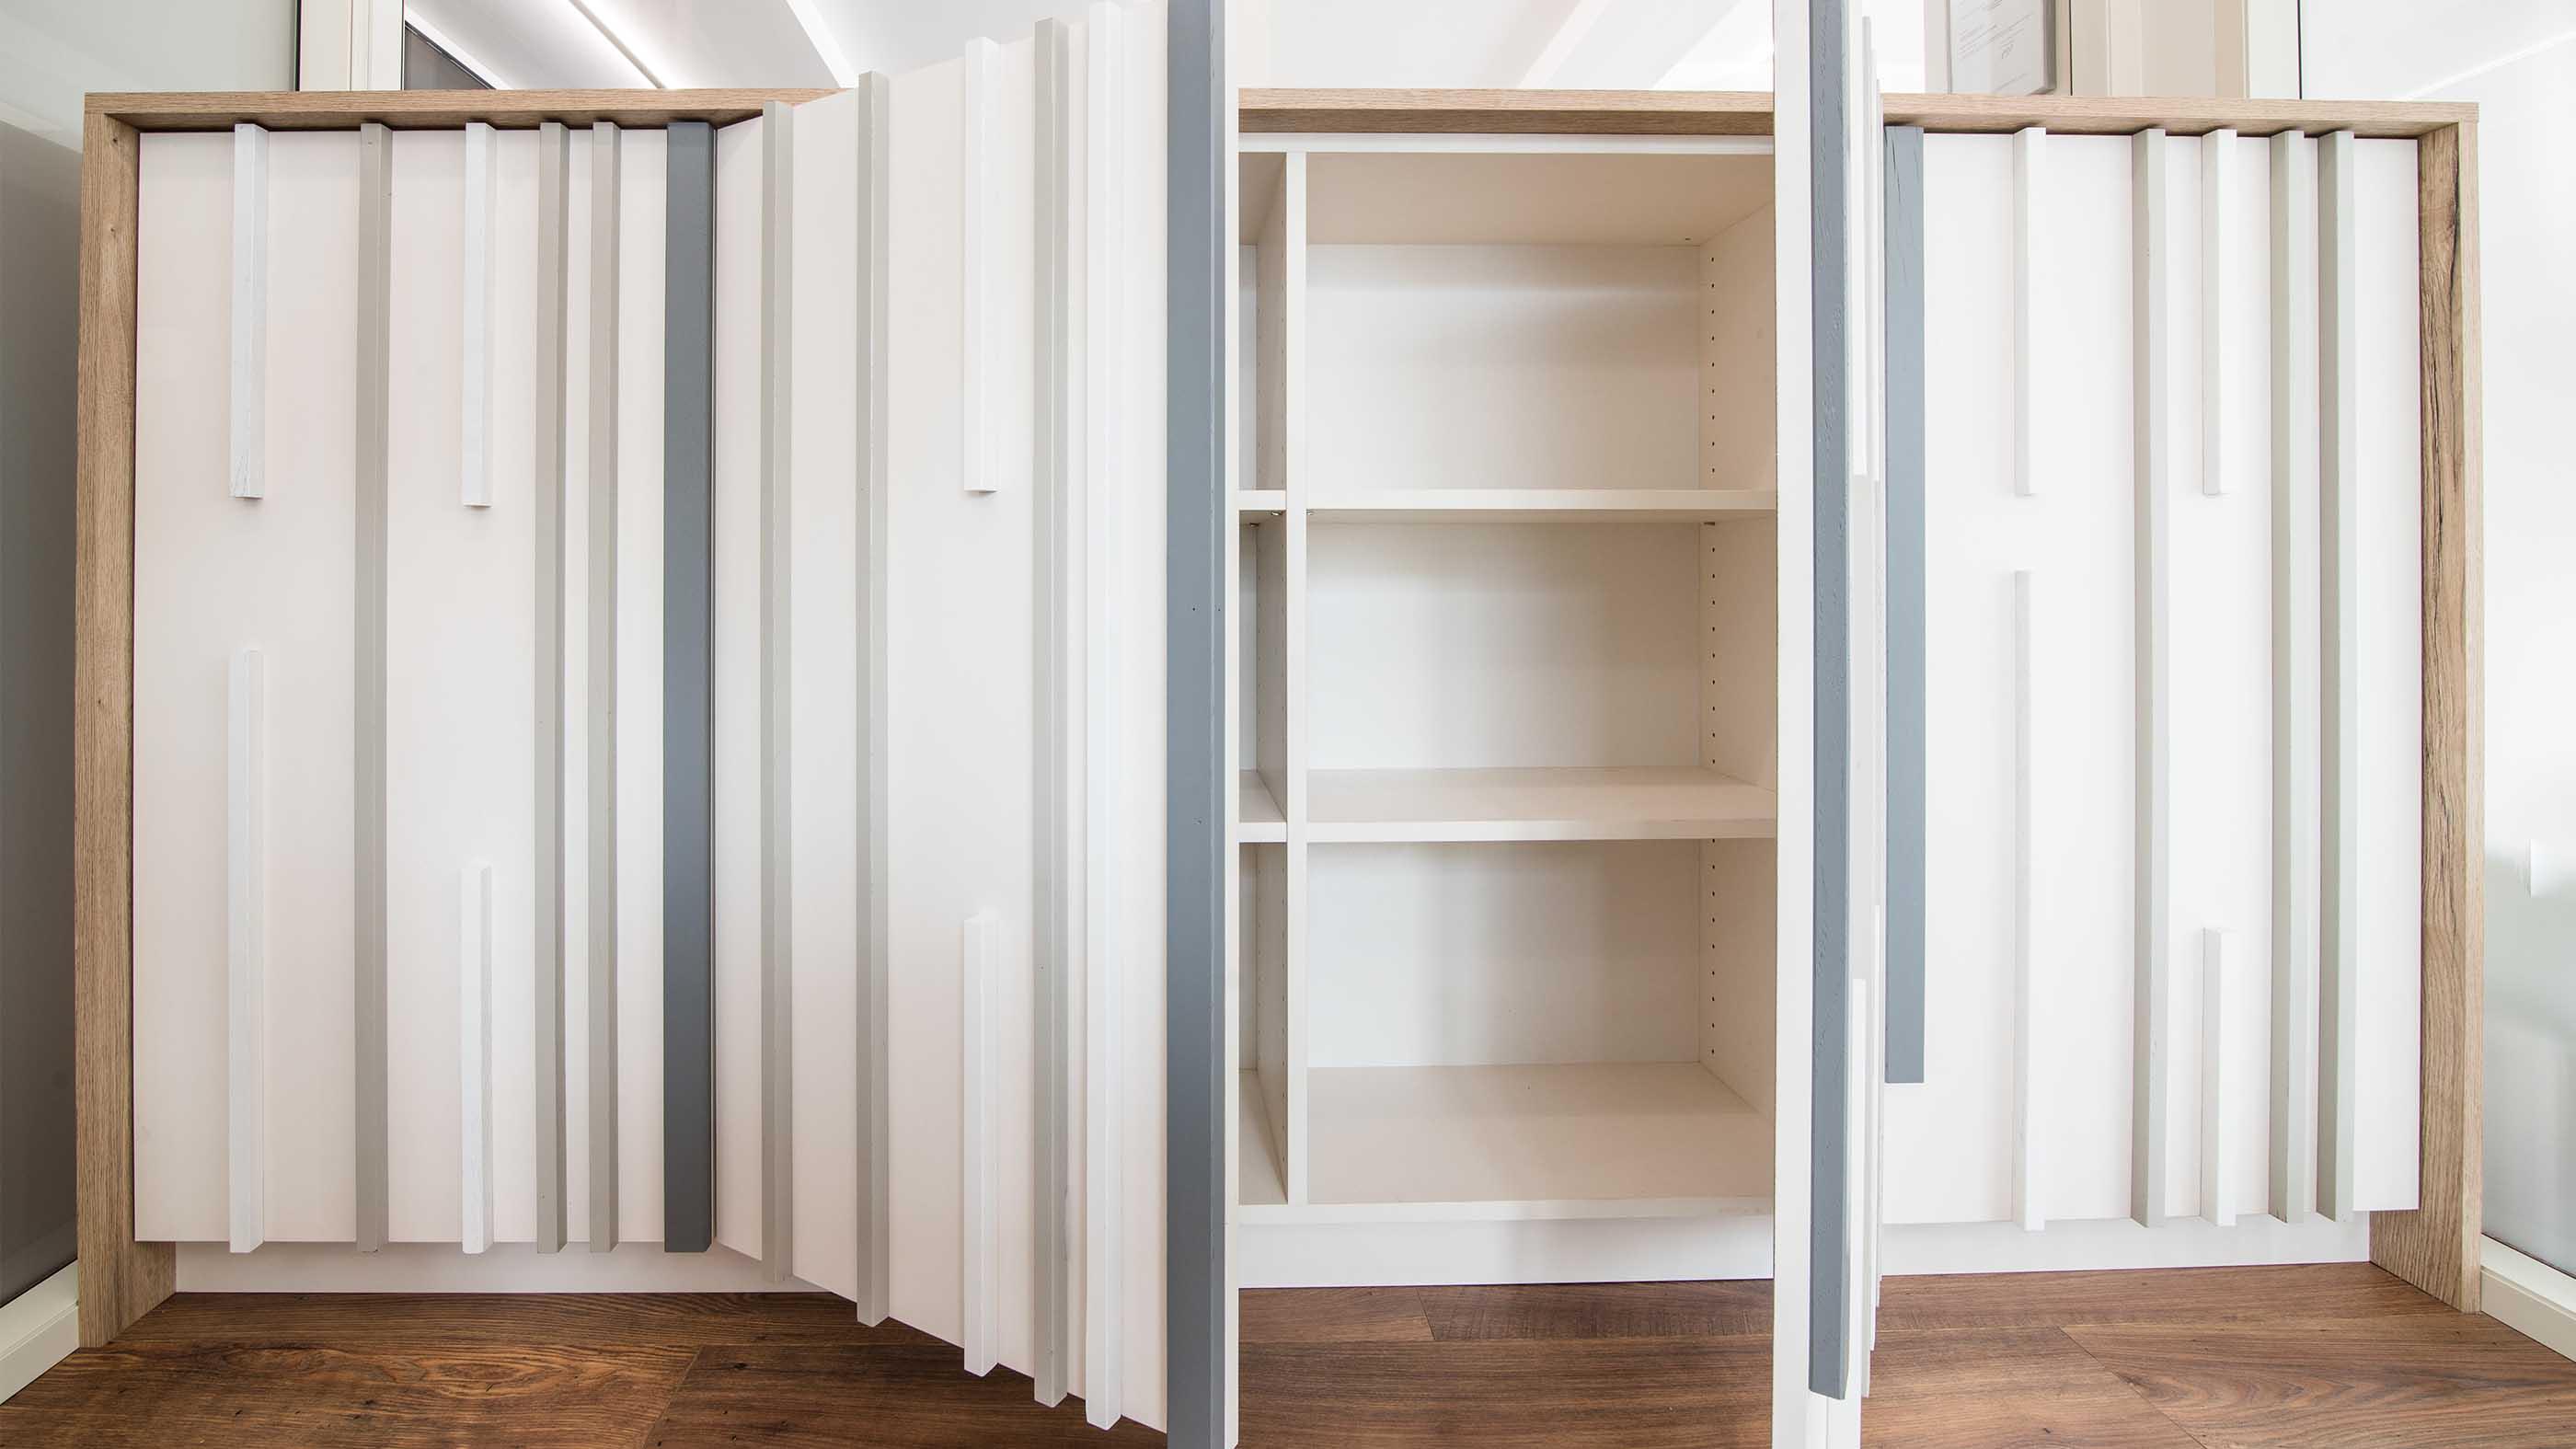 Réalisation de placards pour aménagements intérieurs